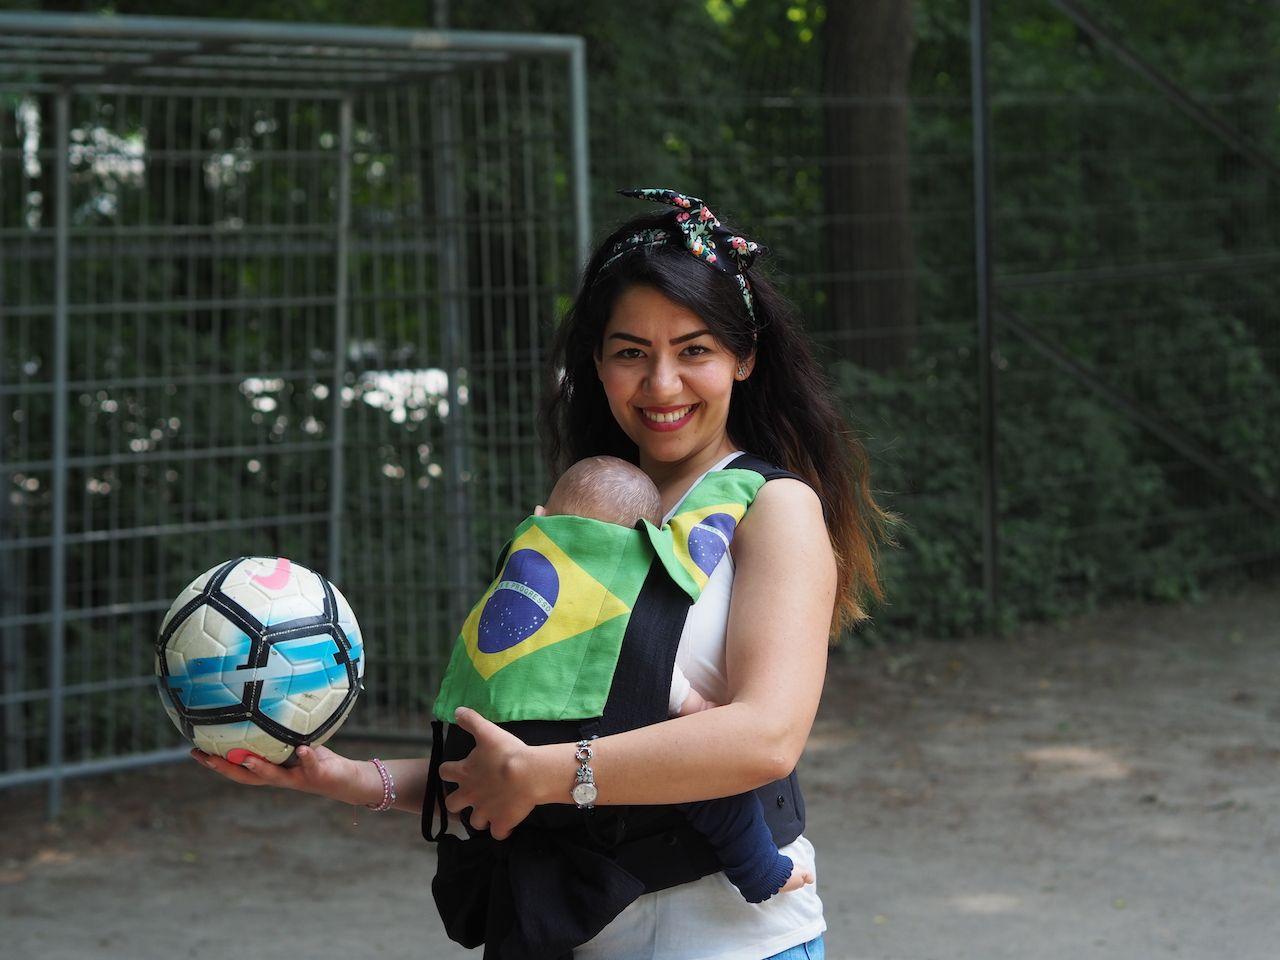 Fusballspiele Heute